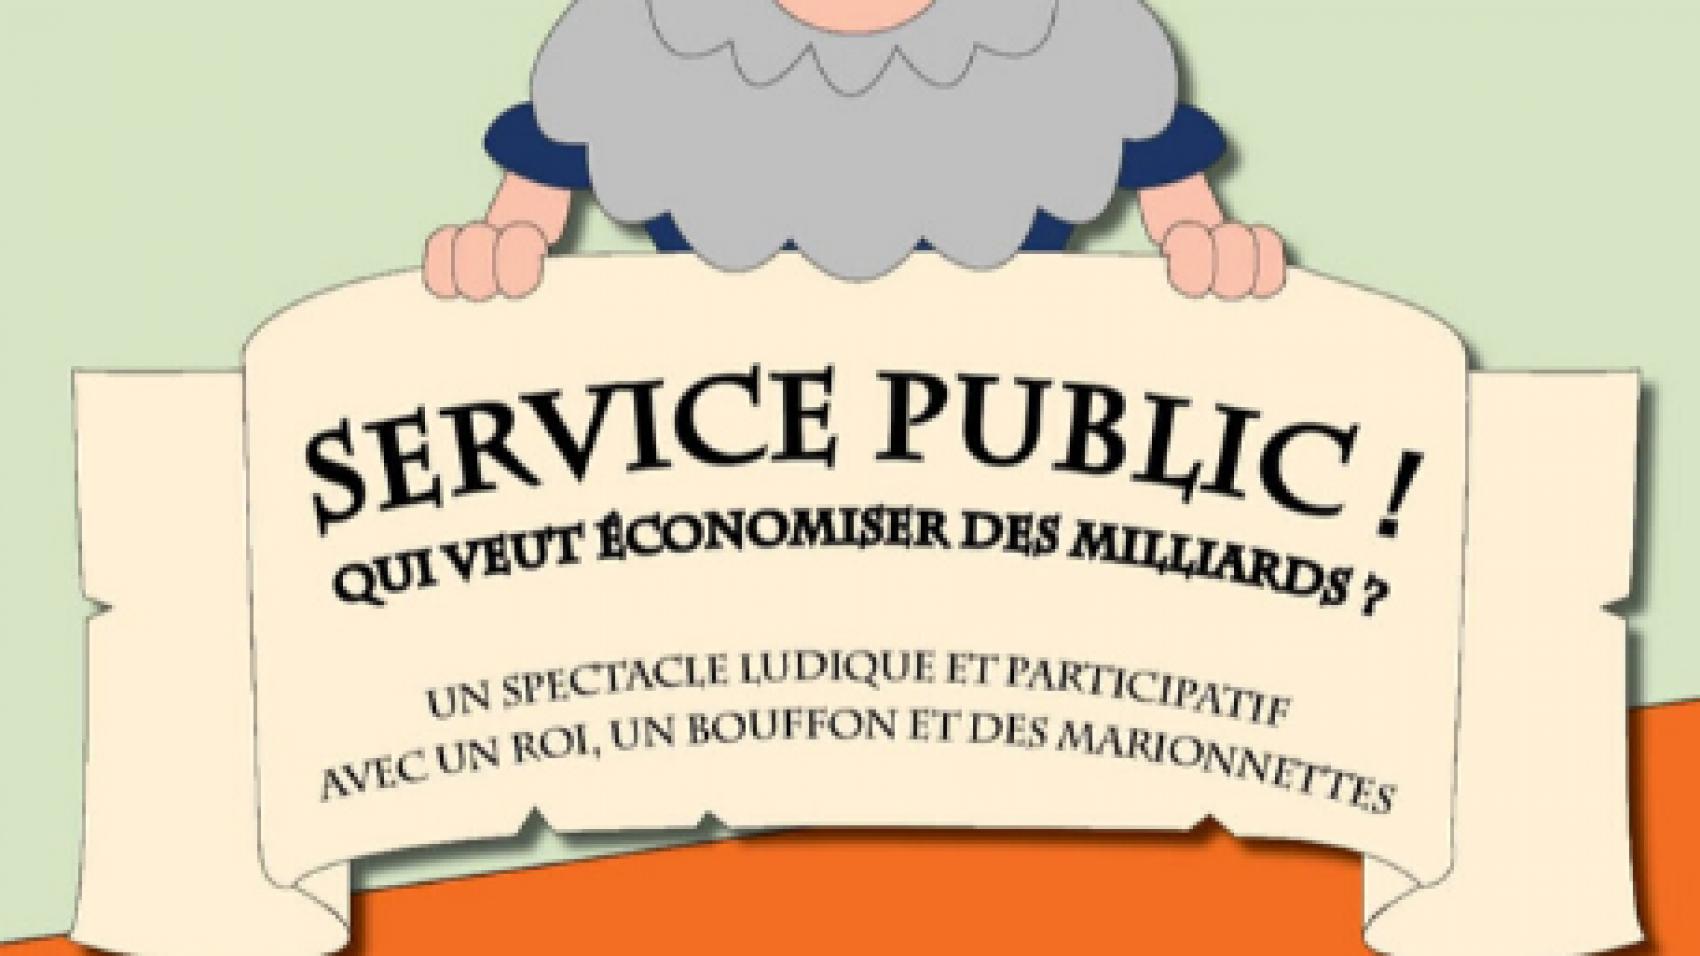 Affiche Service Public ! QUI VEUT ECONOMLISER DES MILLIARDS